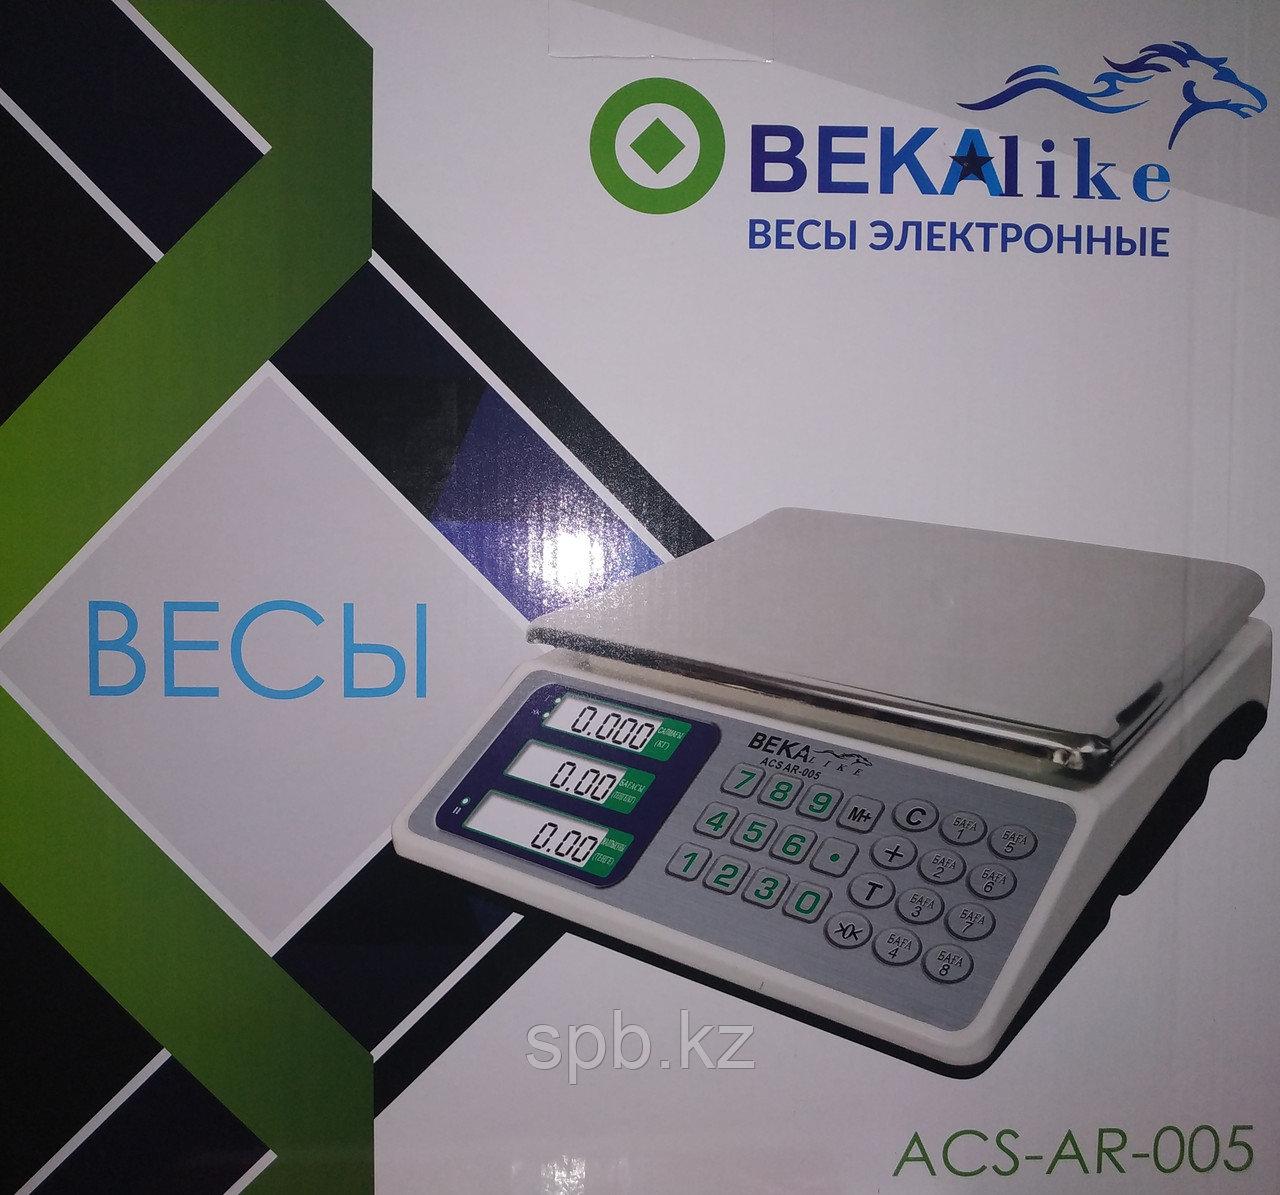 Настольные торговые электронные весы BEKA ACS-AR-005 35 кг